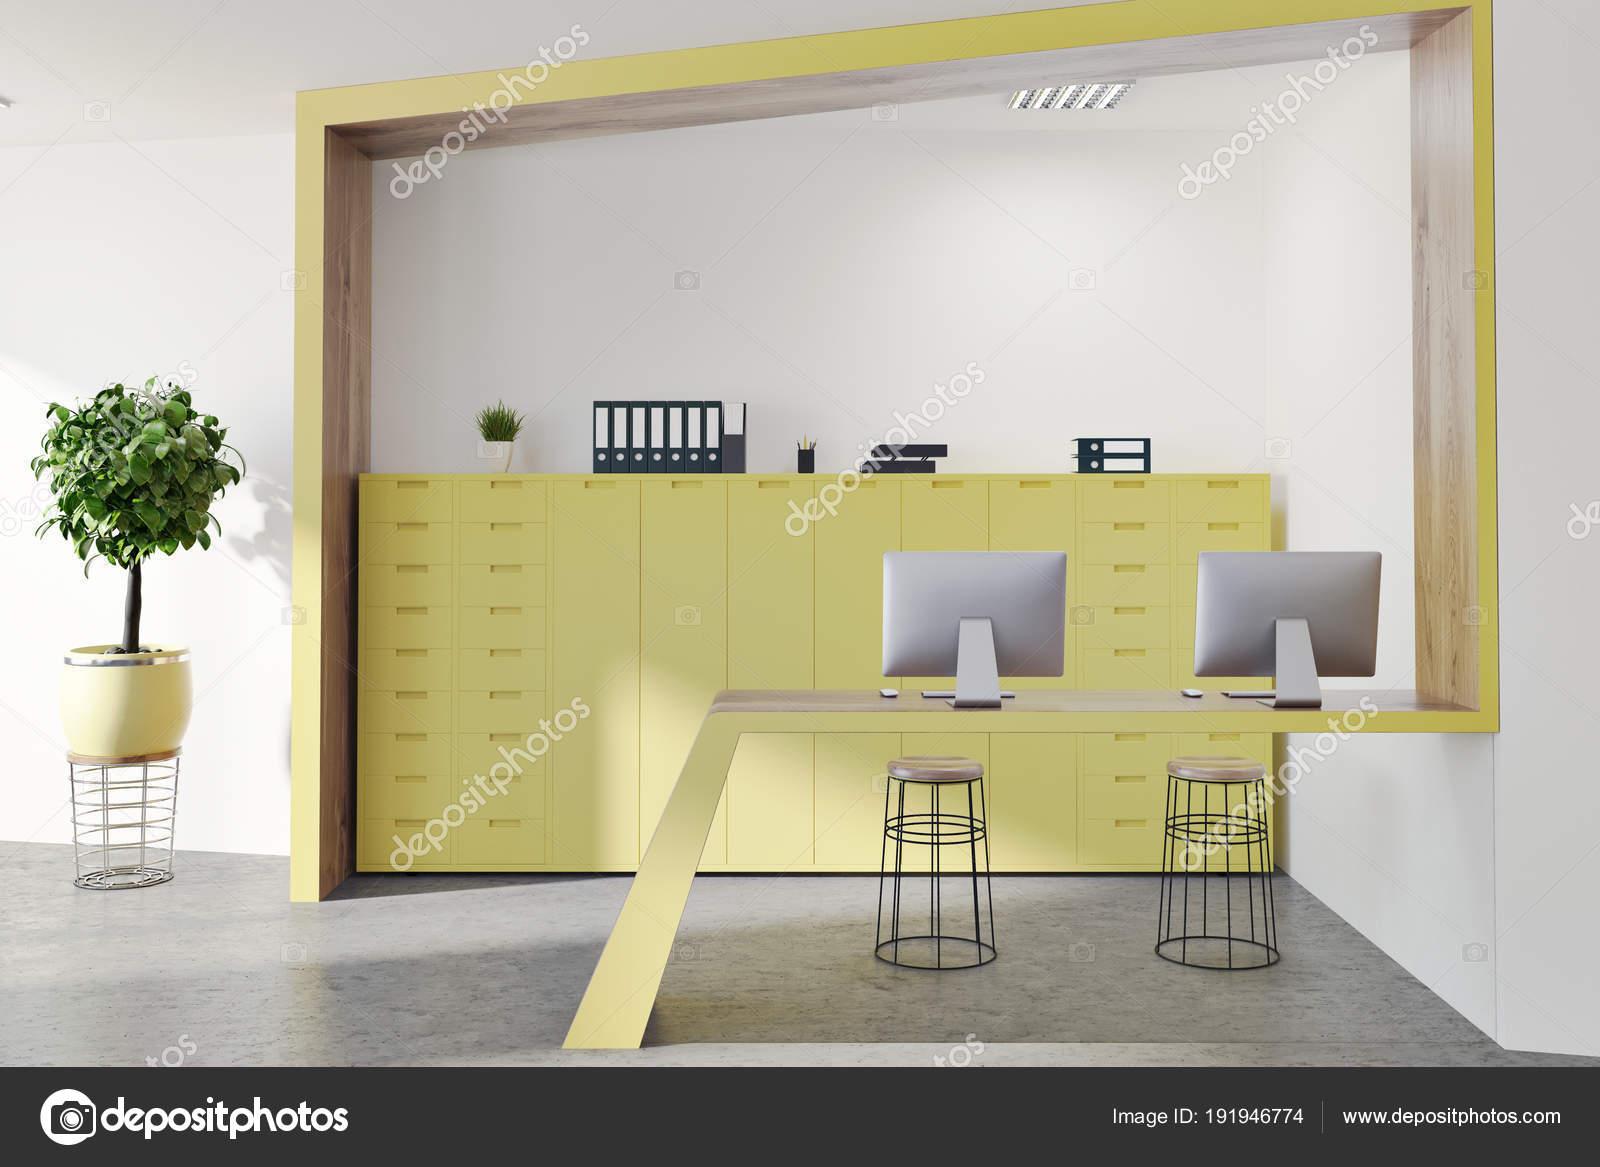 Accueil salle dattente bureau jaune et en bois u2014 photographie